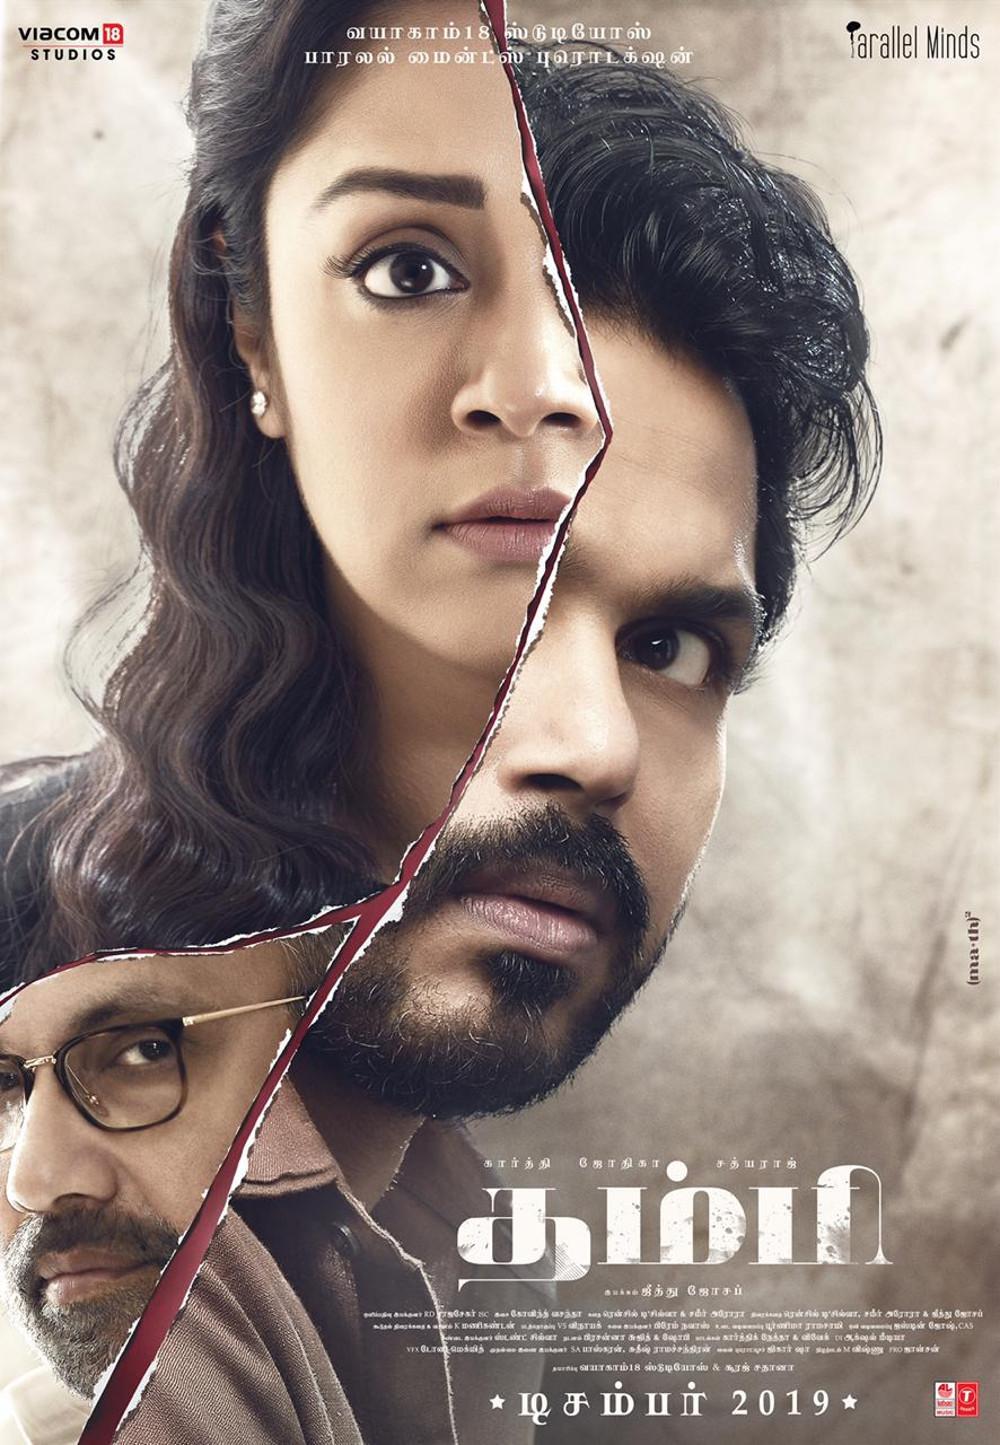 Jyothika Karthi Thambi Second Look Poster